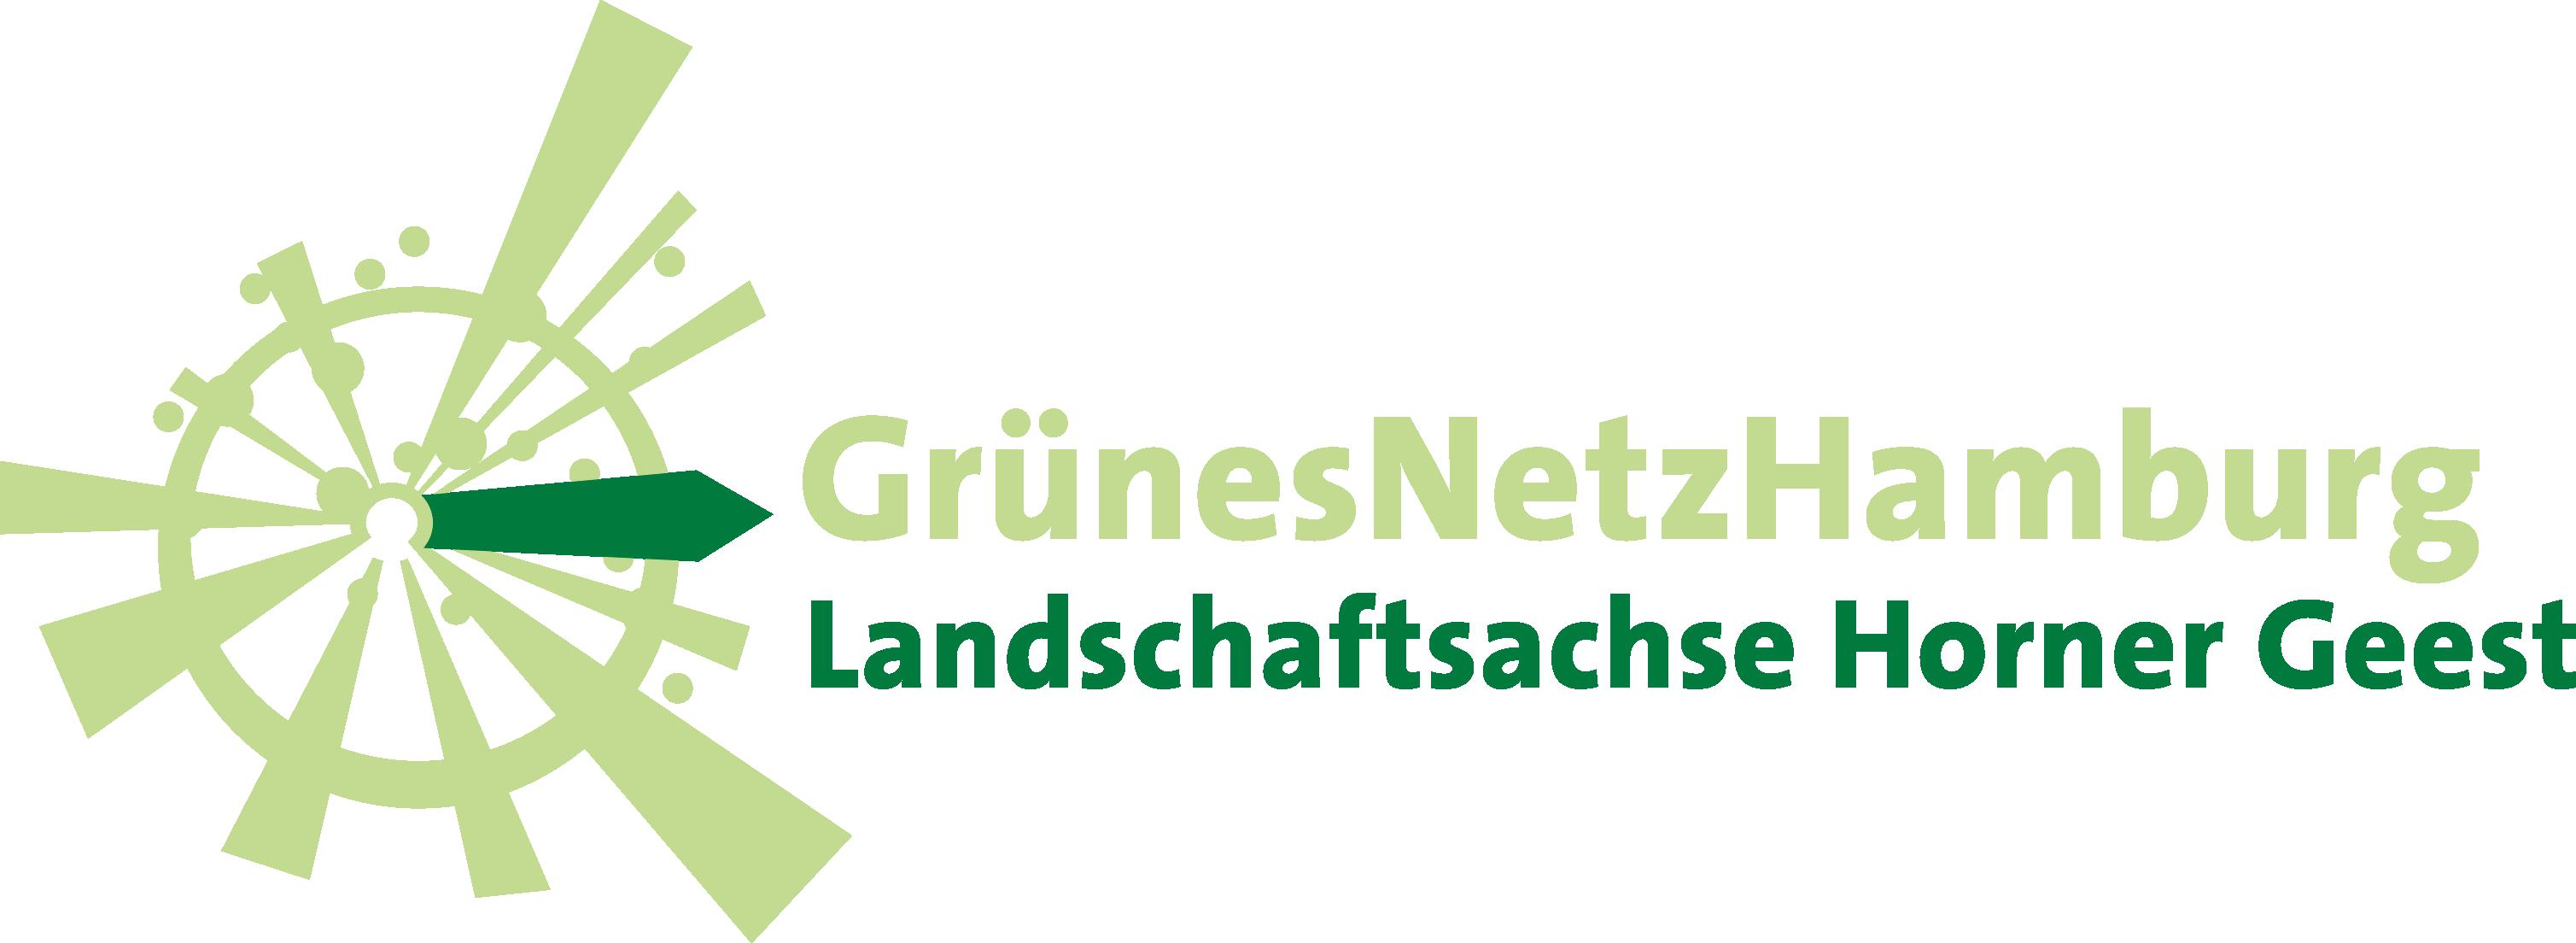 https://daten2.verwaltungsportal.de/dateien/seitengenerator/2187408dfae8592cdf887ddce6b02acd211665/logo_gnh_la_horner_geest_rz.png